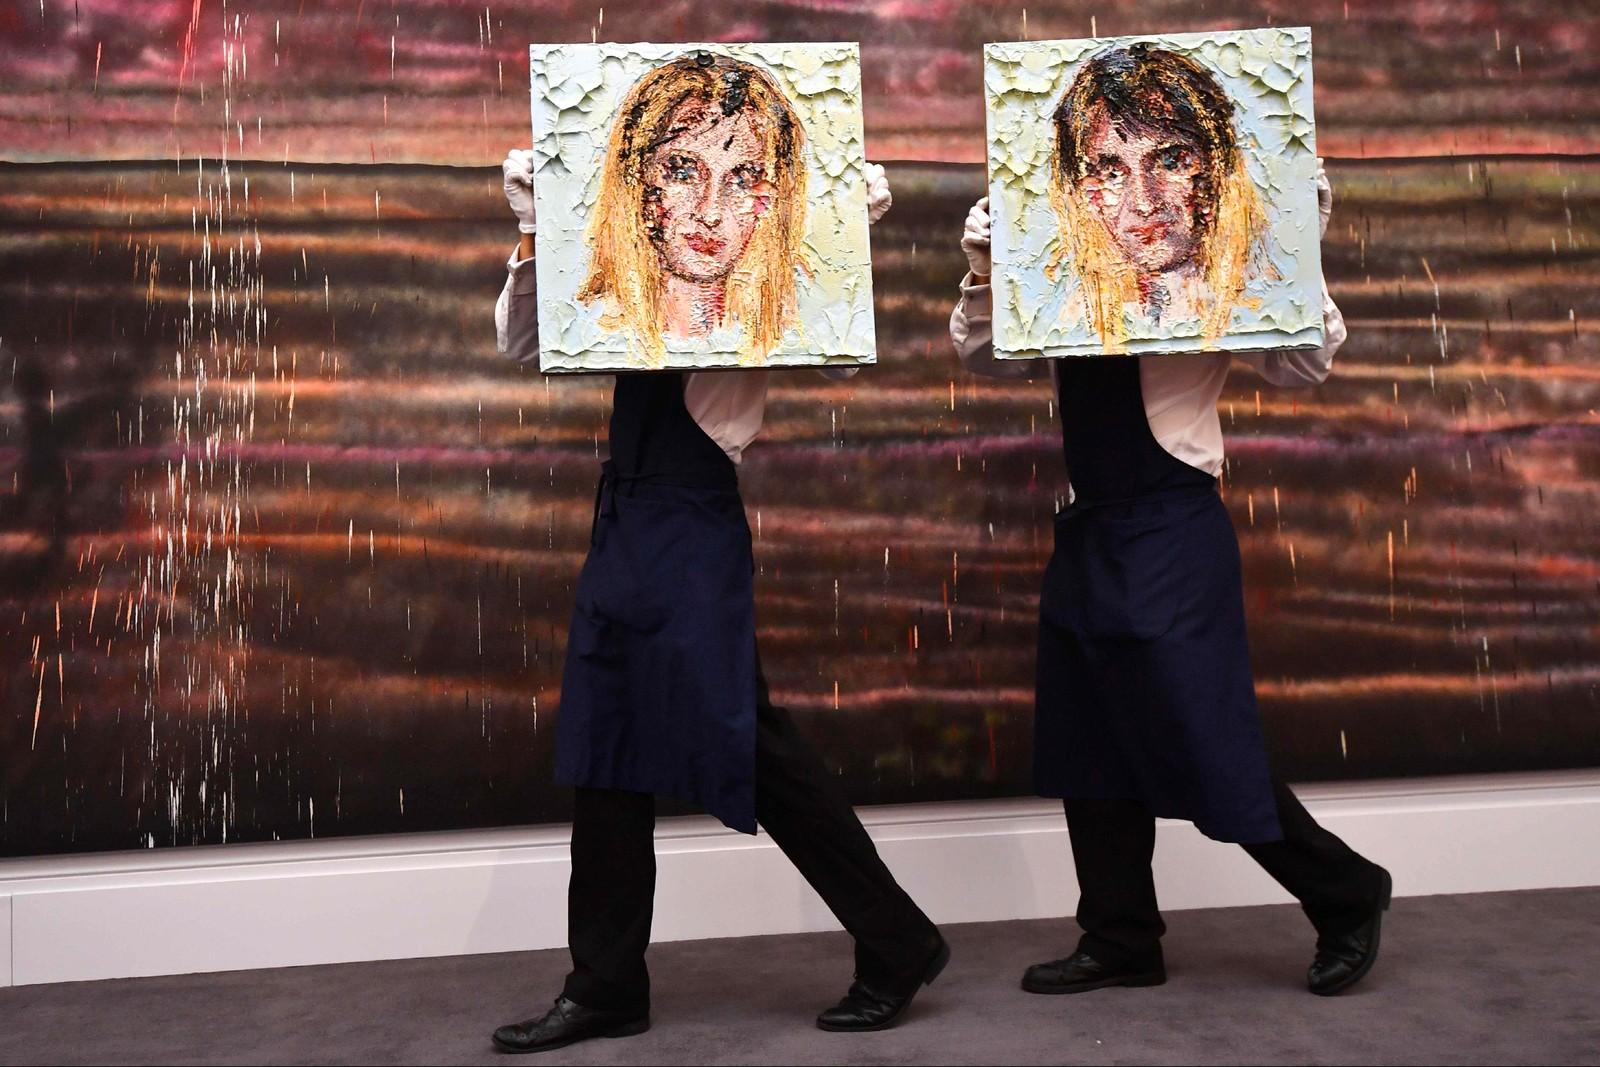 """Ansatte bærer verker av Karri Upson med tittel """"For a Good Time"""" på auksjonshuset Sotheby's i London."""